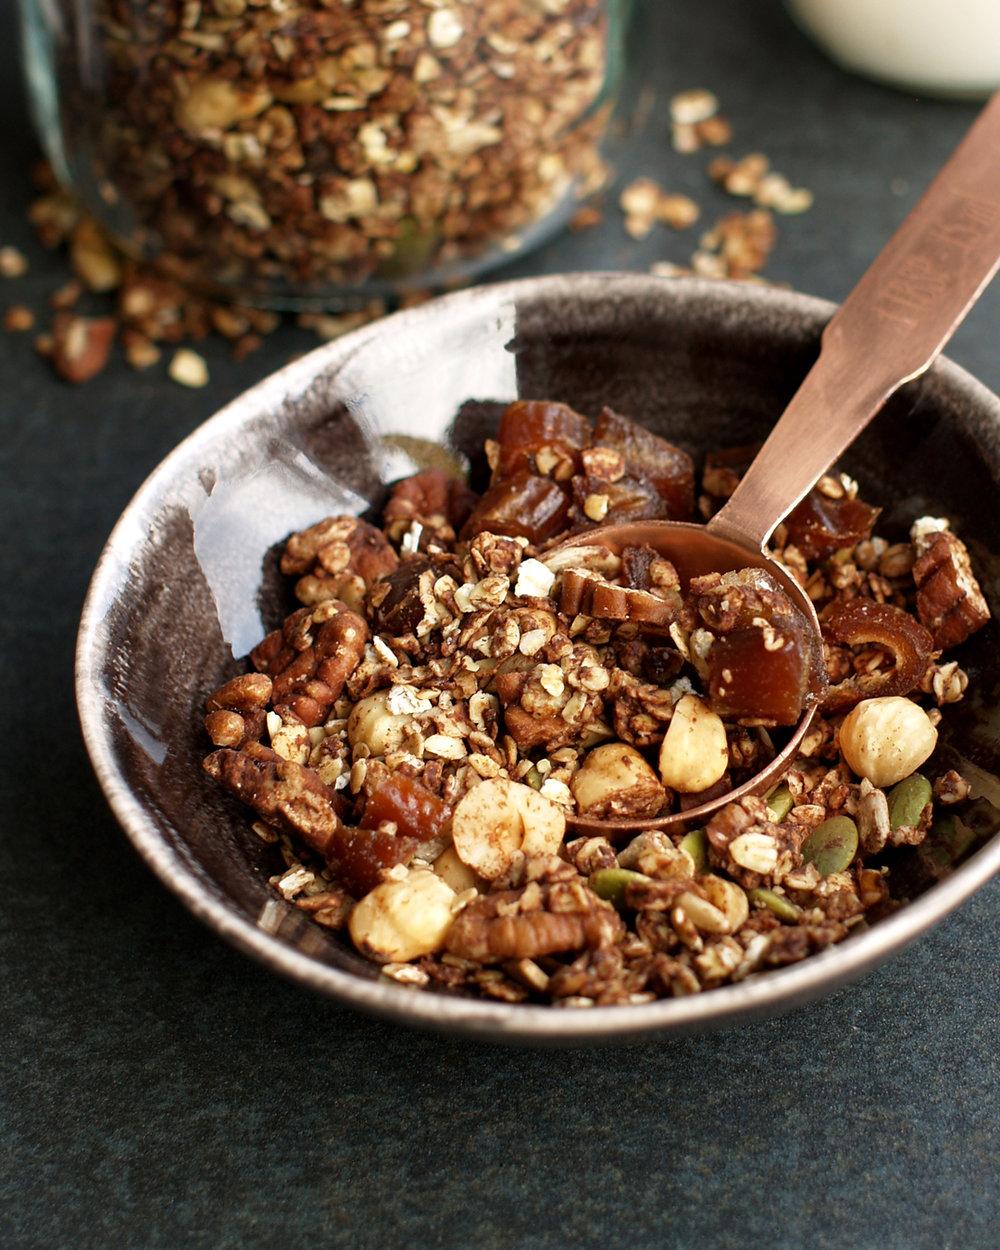 choc-granola-small.jpg